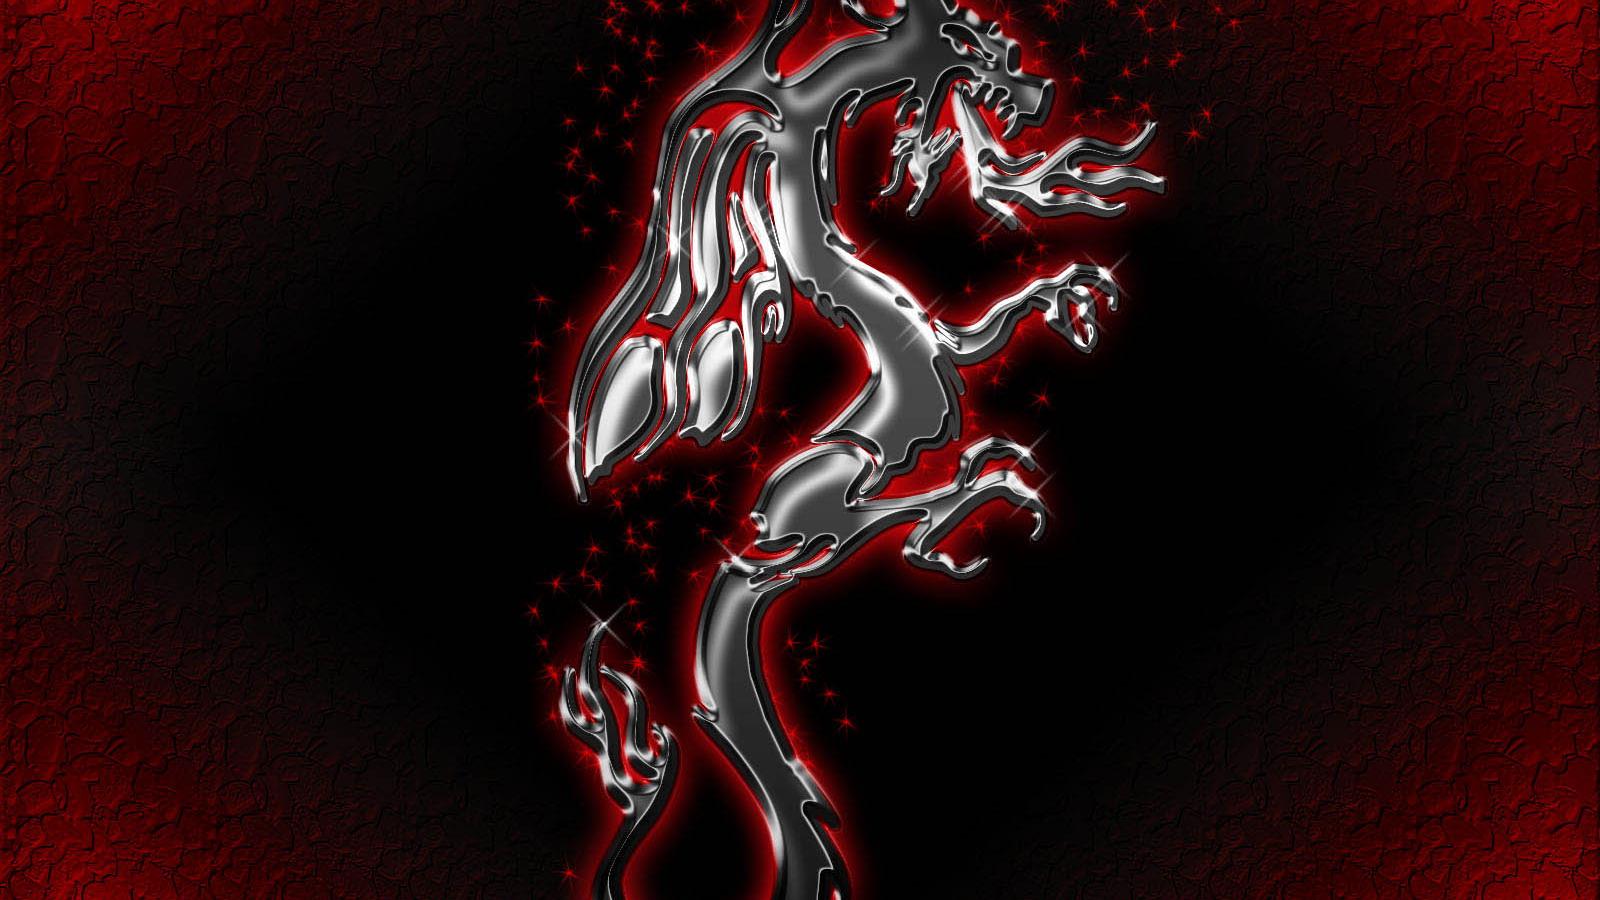 картинка красного дракона на черном фоне доме доктора этот